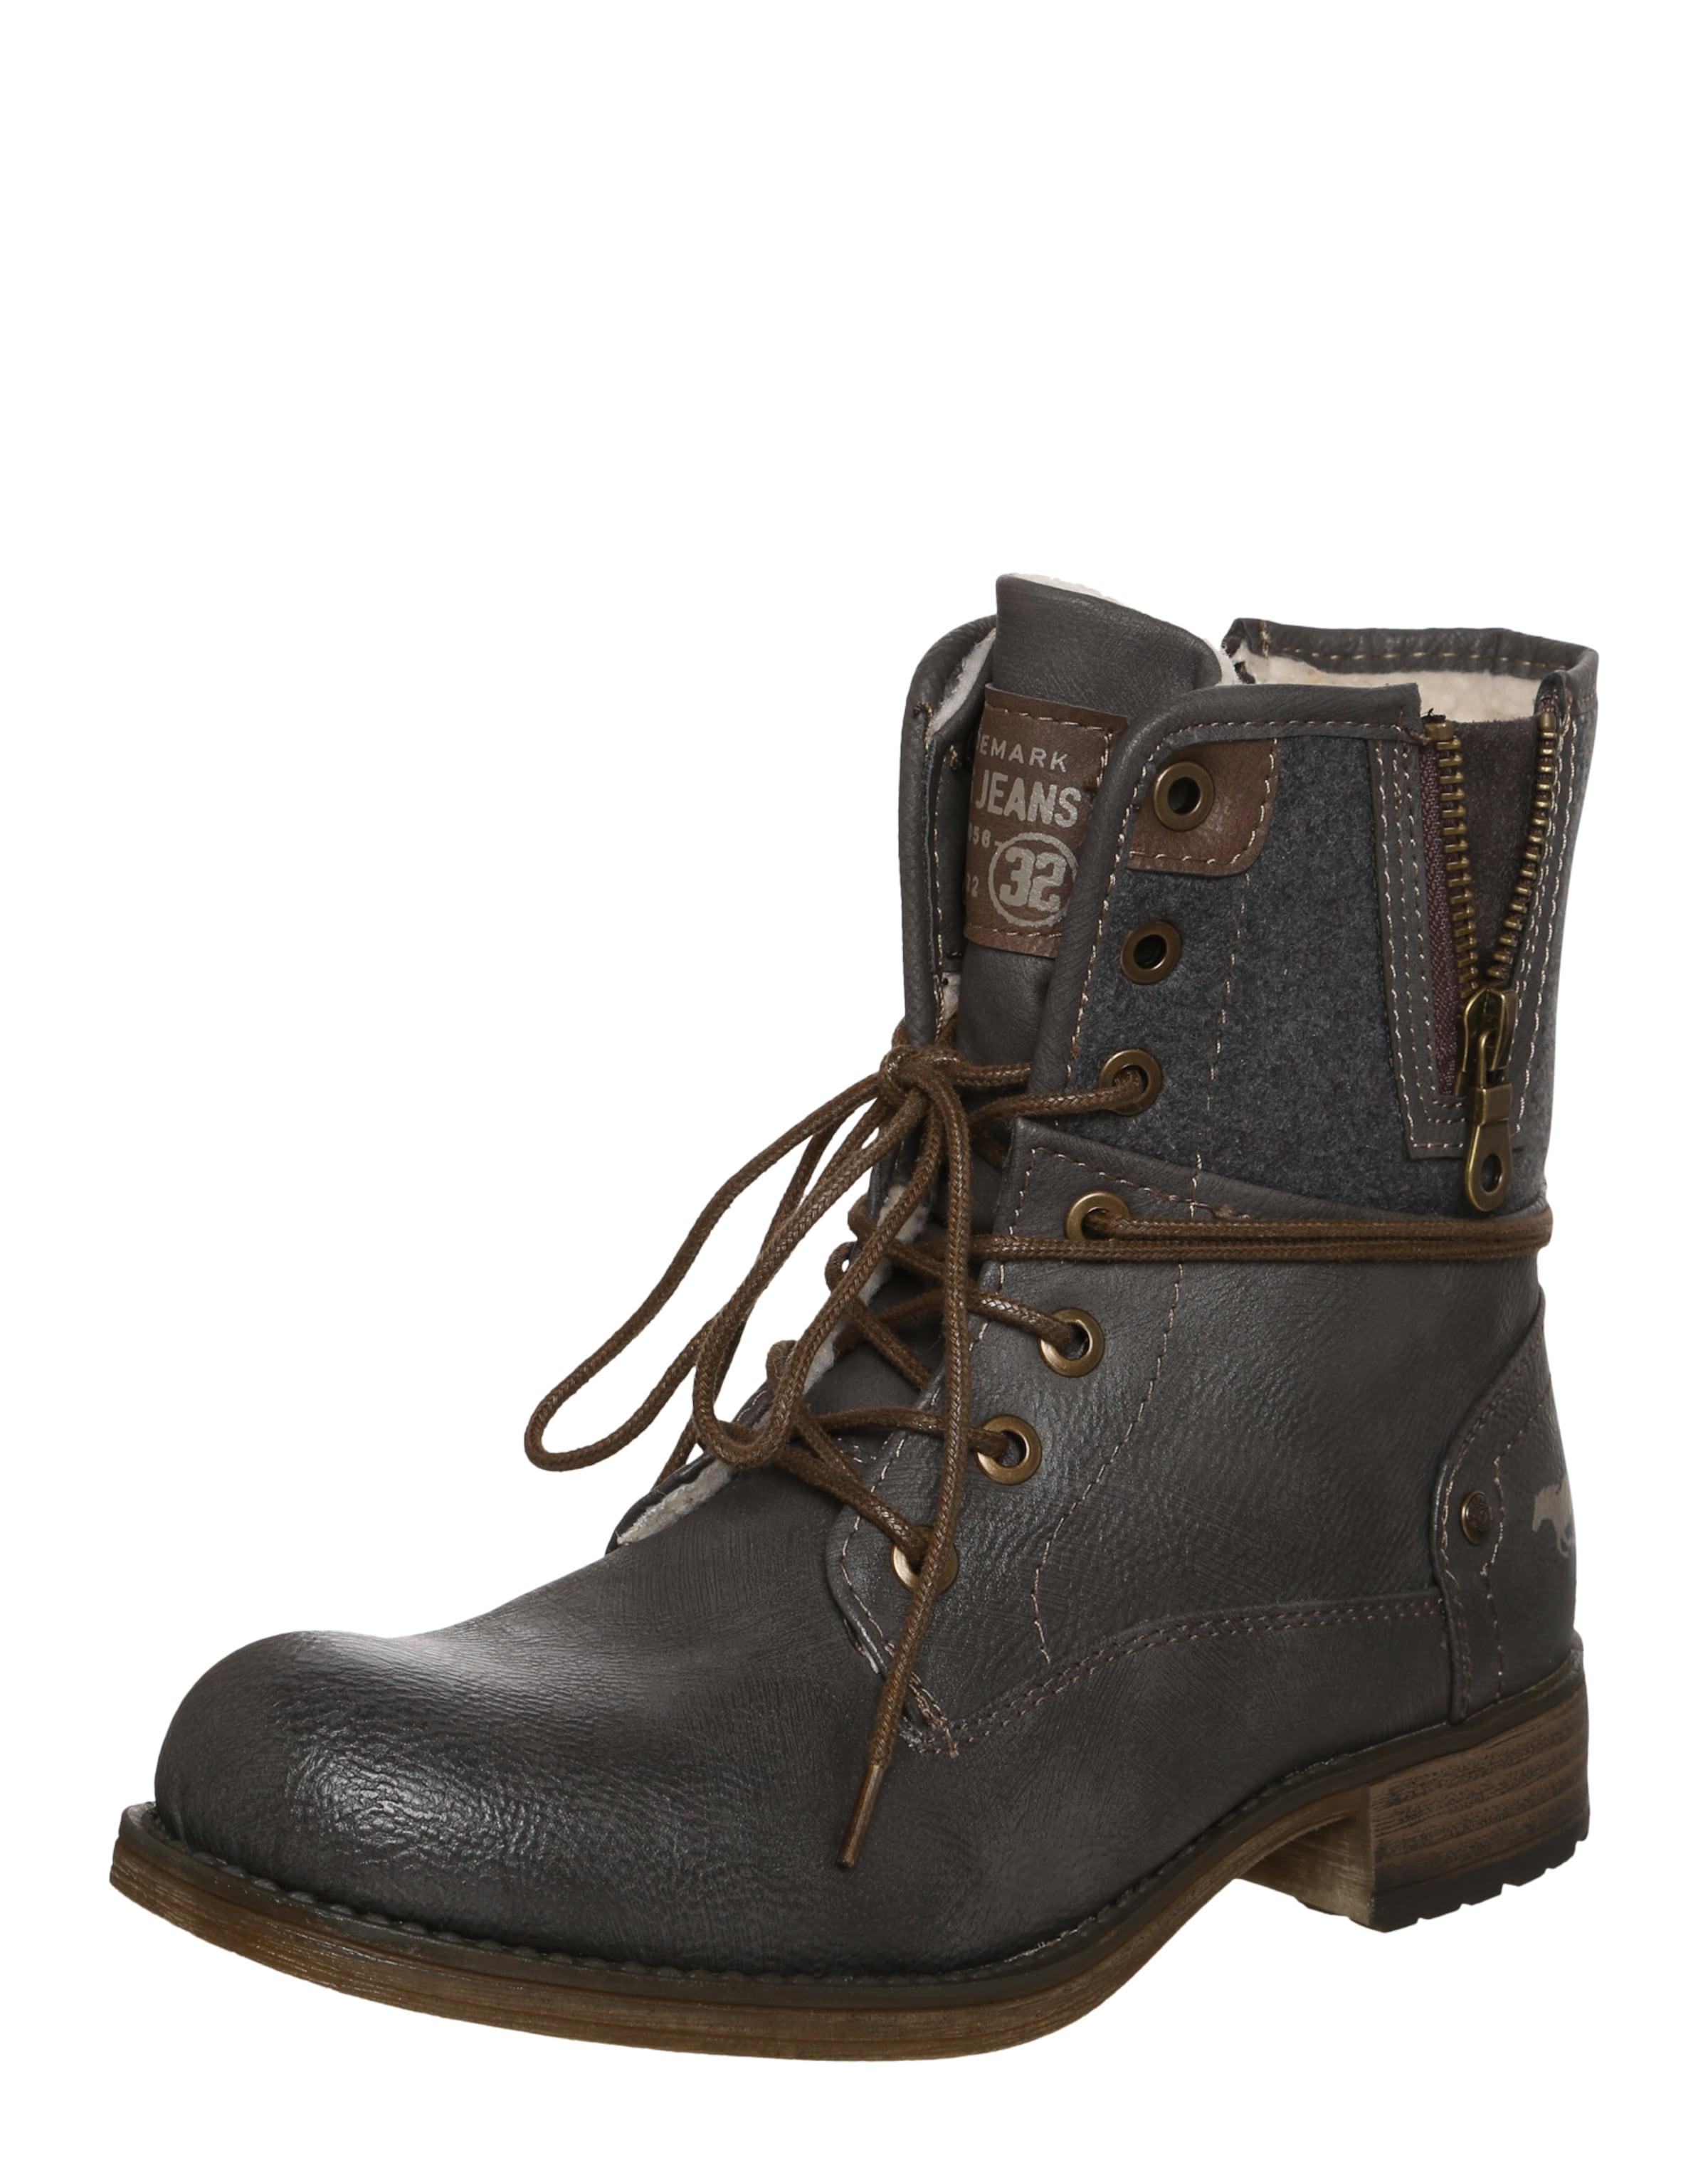 MUSTANG Schnürstiefelette mit Felleinsatz Verschleißfeste billige Schuhe